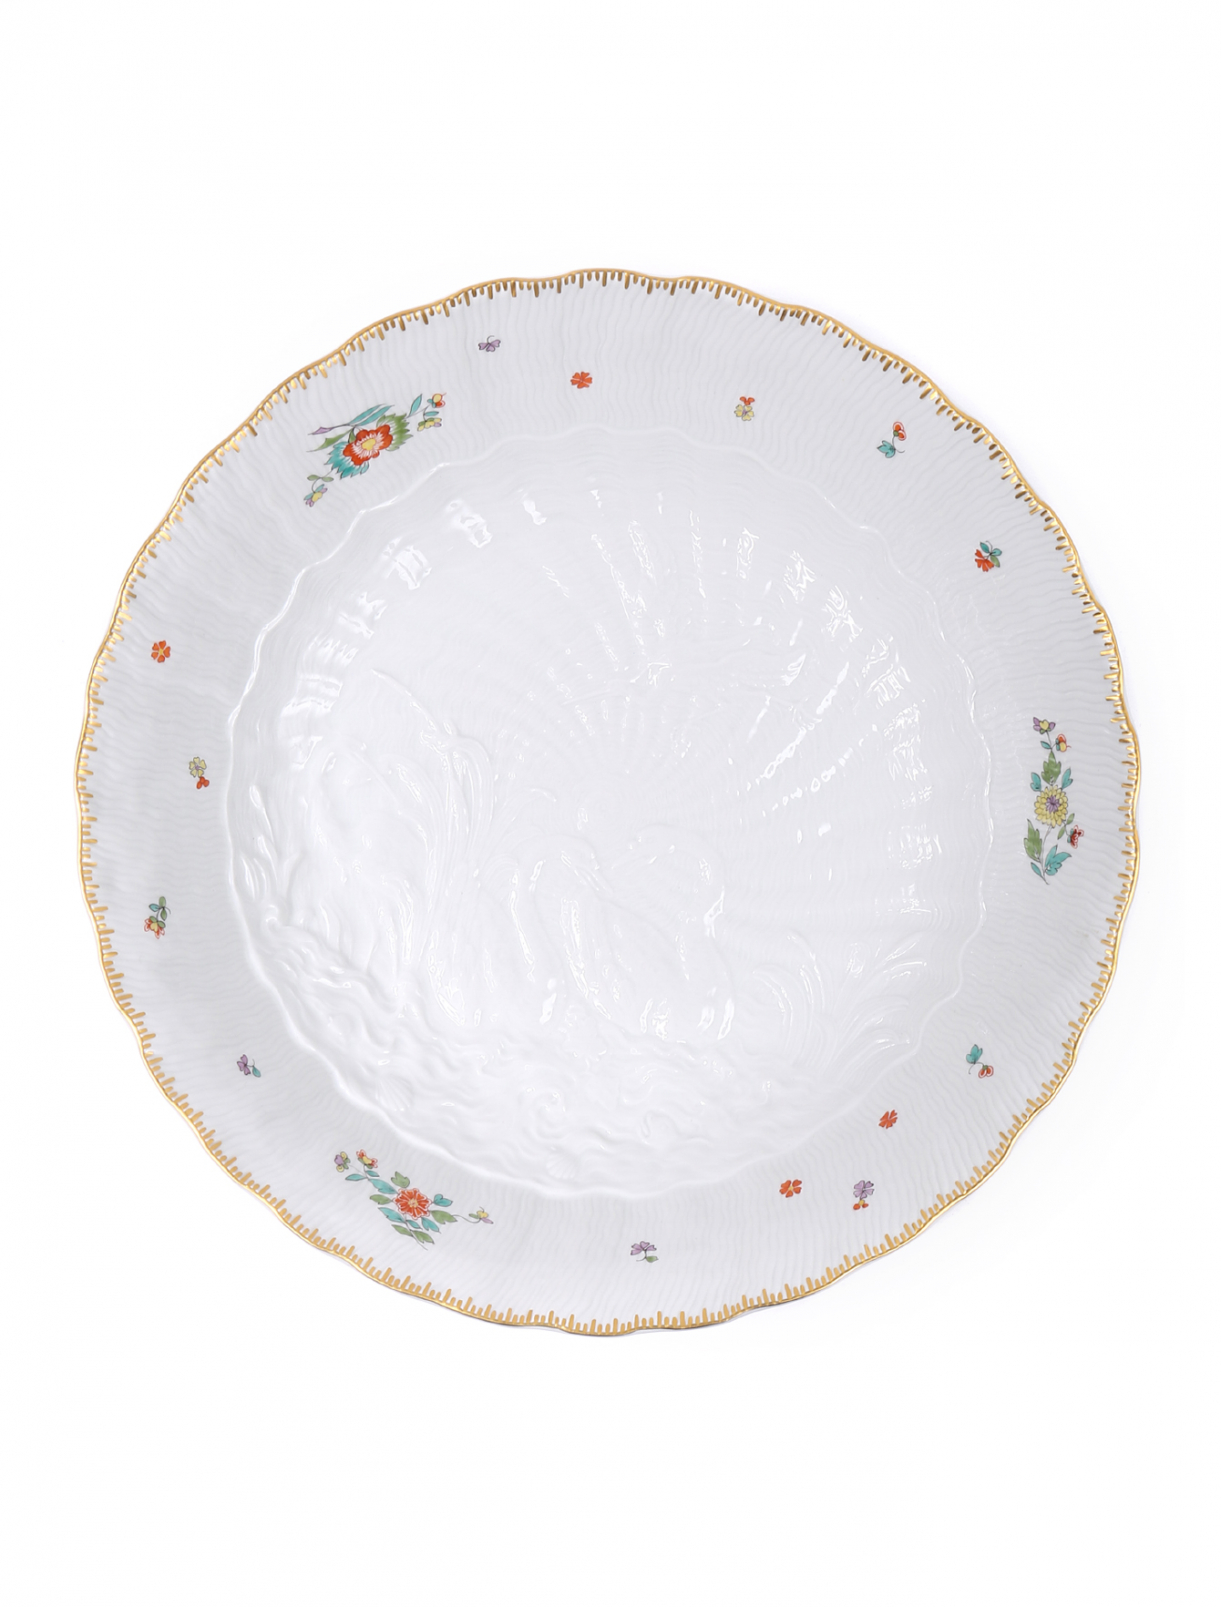 Тарелка  сервировочная с барельефом лебеди Meissen  –  Общий вид